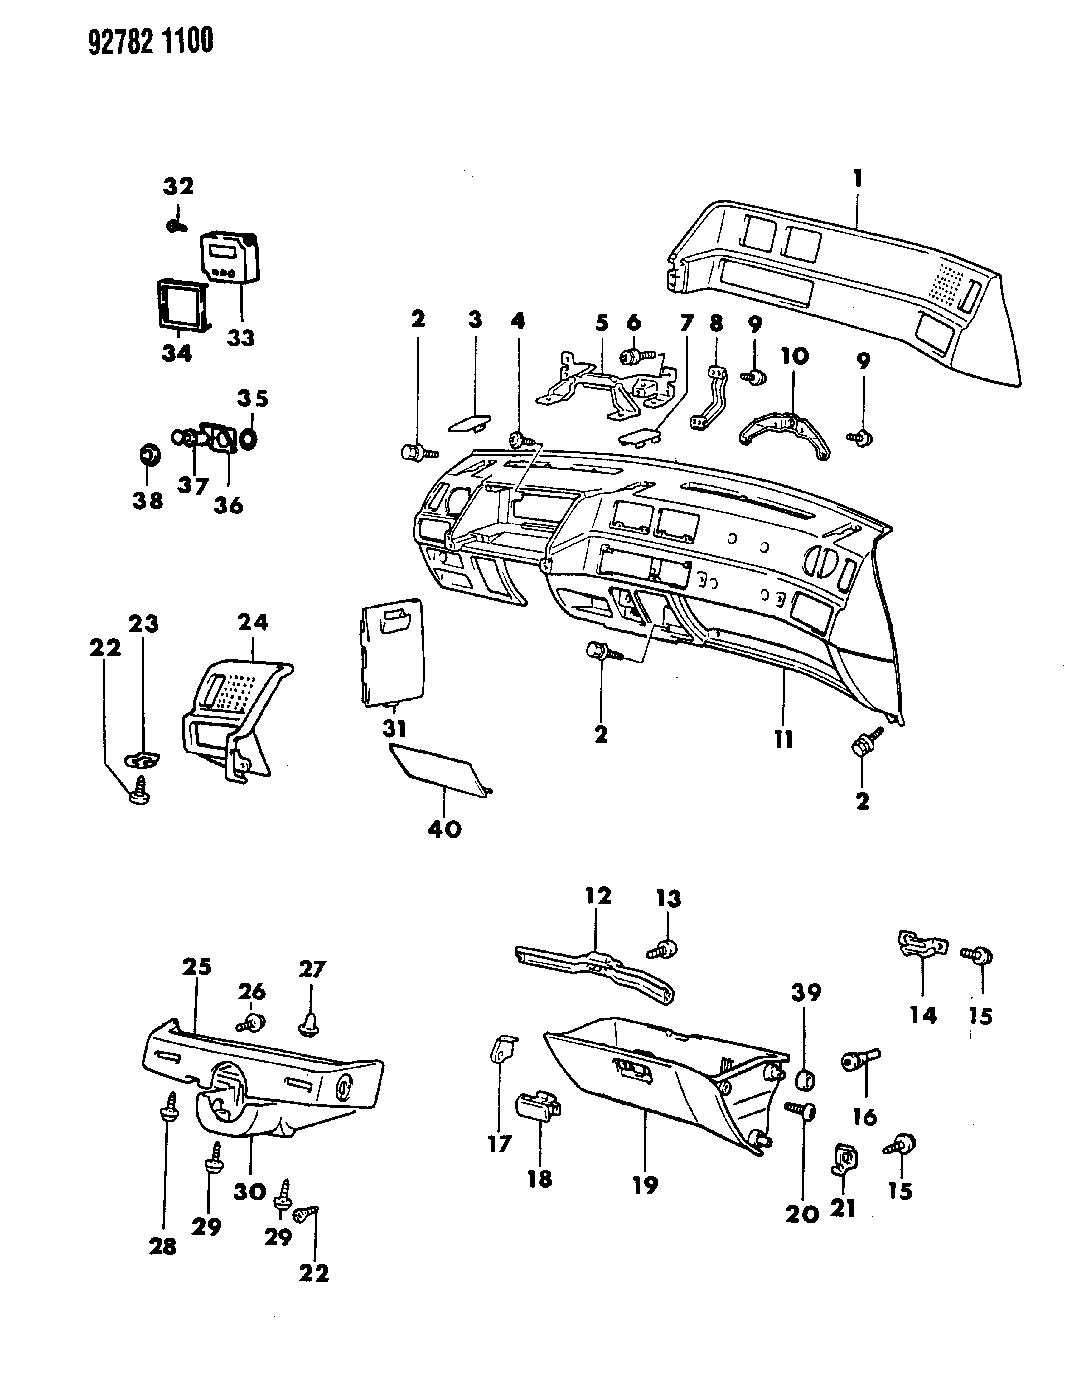 1993 Dodge Colt Instrument Panel - Thumbnail 1